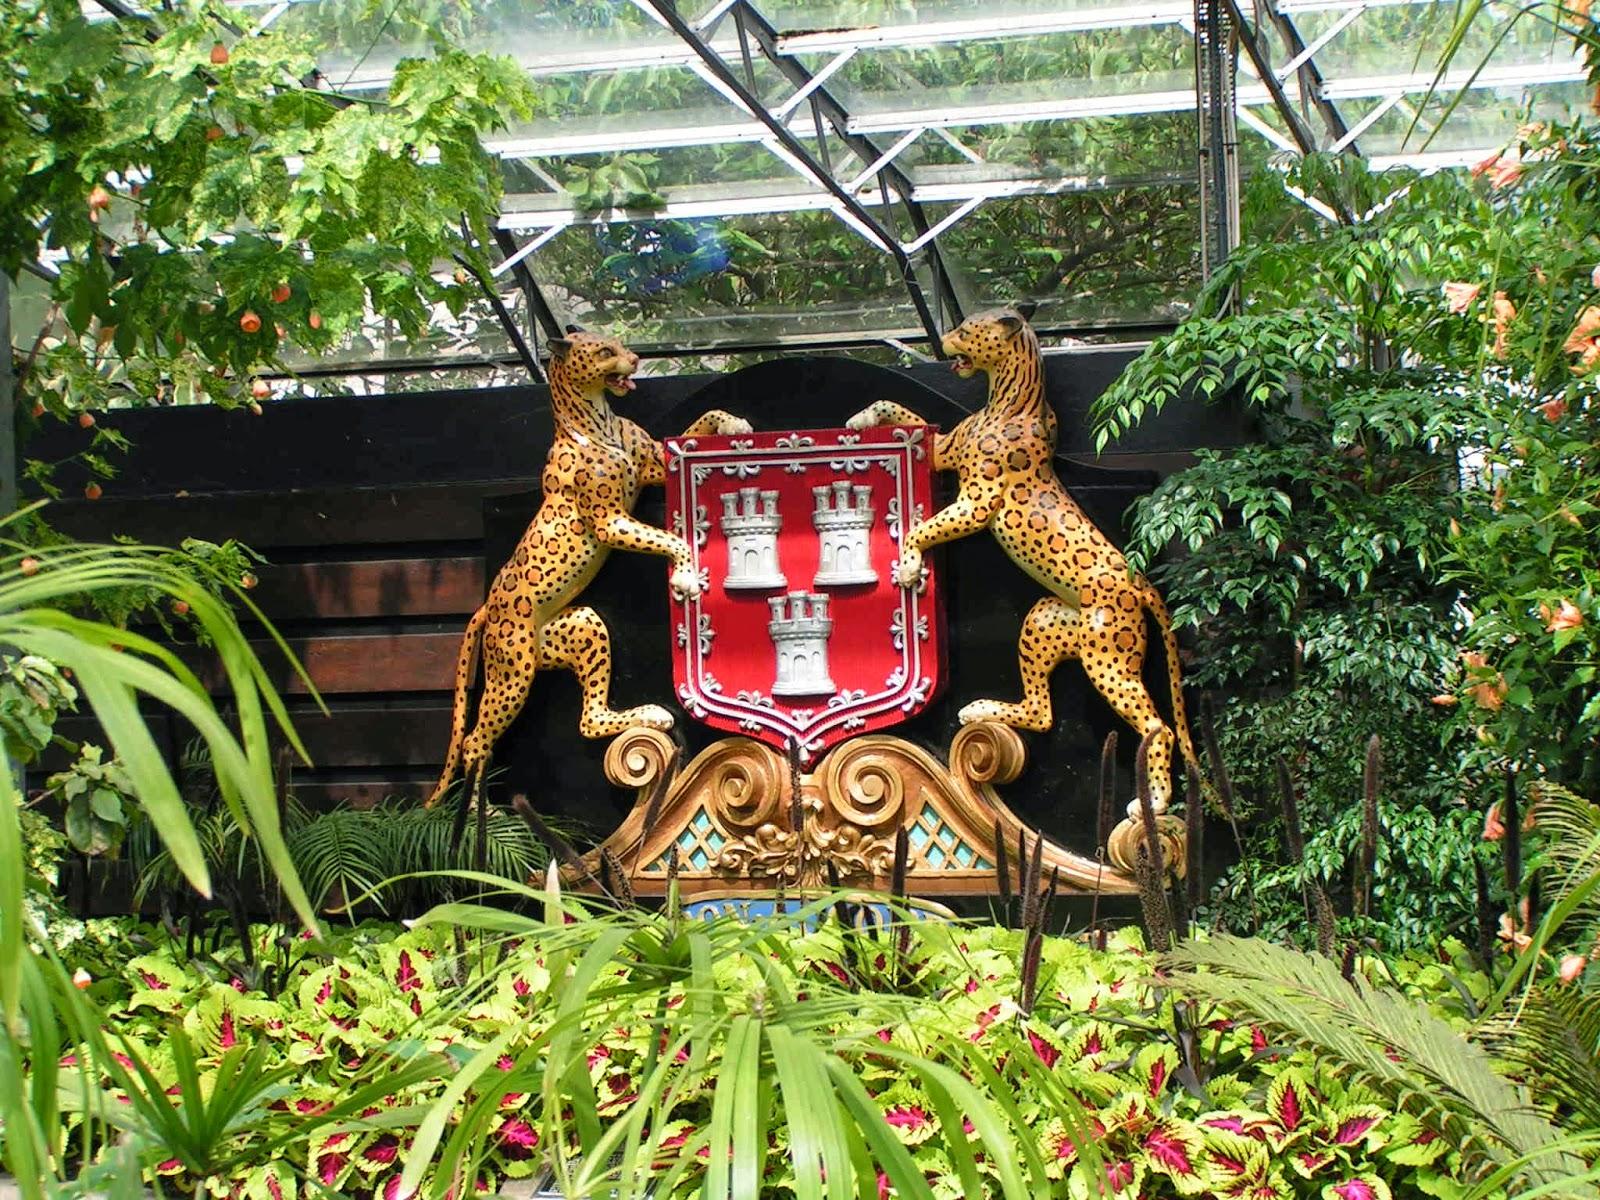 podróże w przystępnej formie duthie park and winter gardens